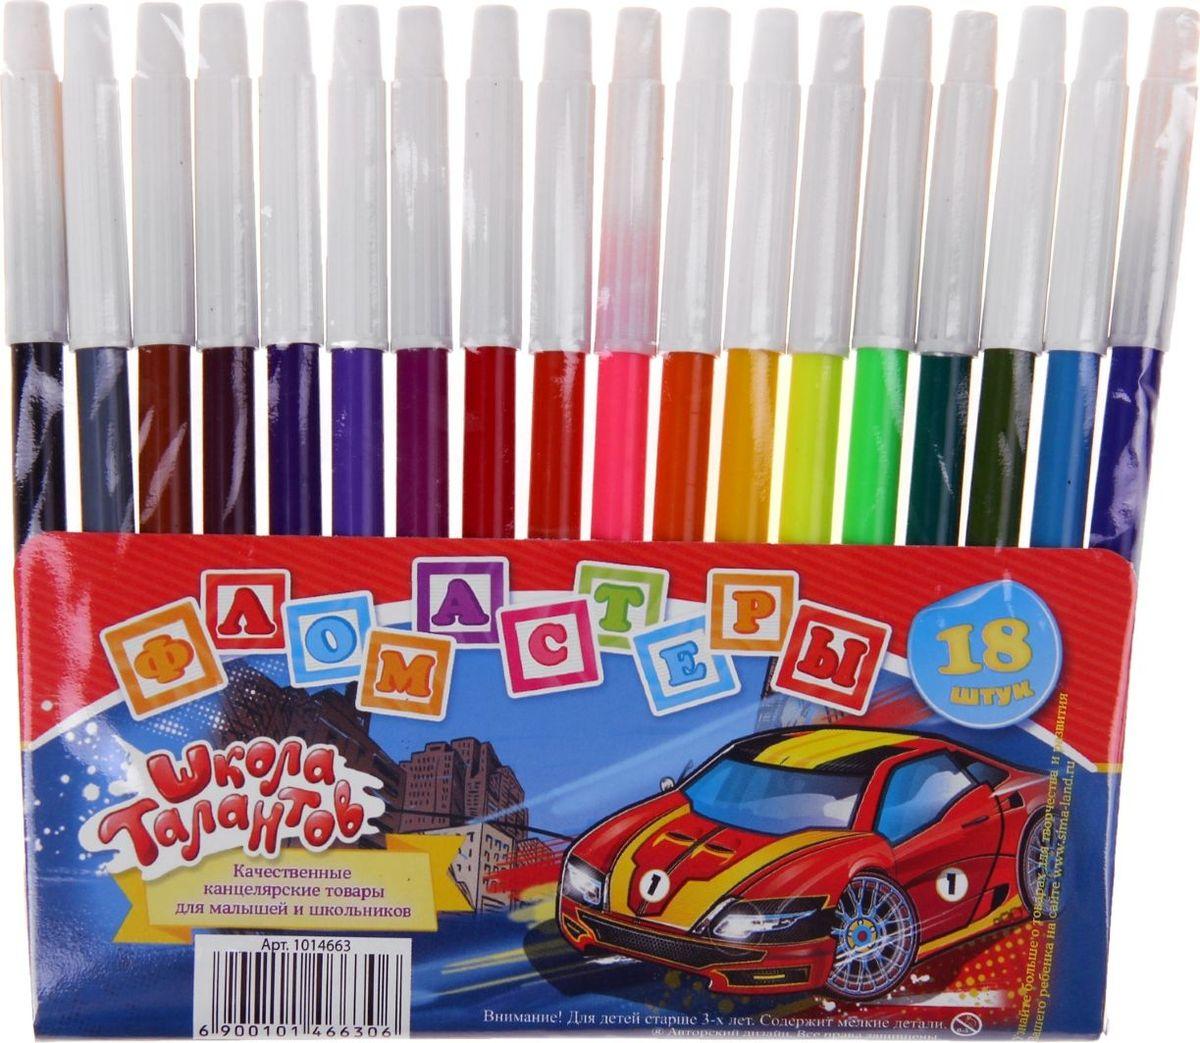 Школа талантов Набор фломастеров Машинка 18 цветов1223773Набор фломастеров Школа талантов Машинка помогут маленькому художнику раскрыть свой творческий потенциал, рисовать и раскрашивать яркие картинки, развивая воображение, мелкую моторику и цветовосприятие. Пластиковый корпус и вентилируемый колпачок предохраняют чернила от преждевременного высыхания, что гарантирует длительный срок службы.